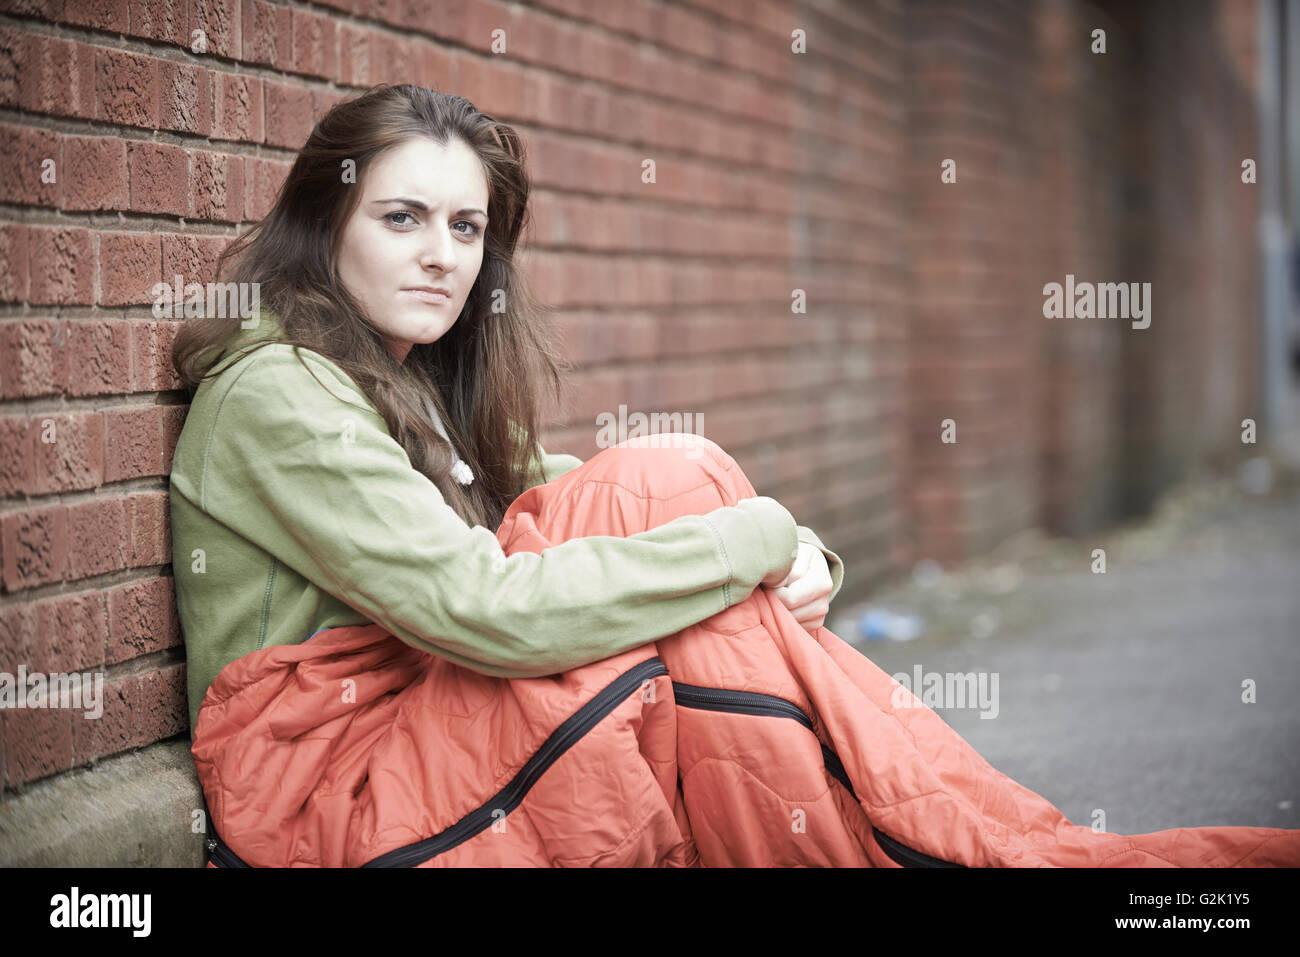 Ich bin aus einem obdachlosen mädchen